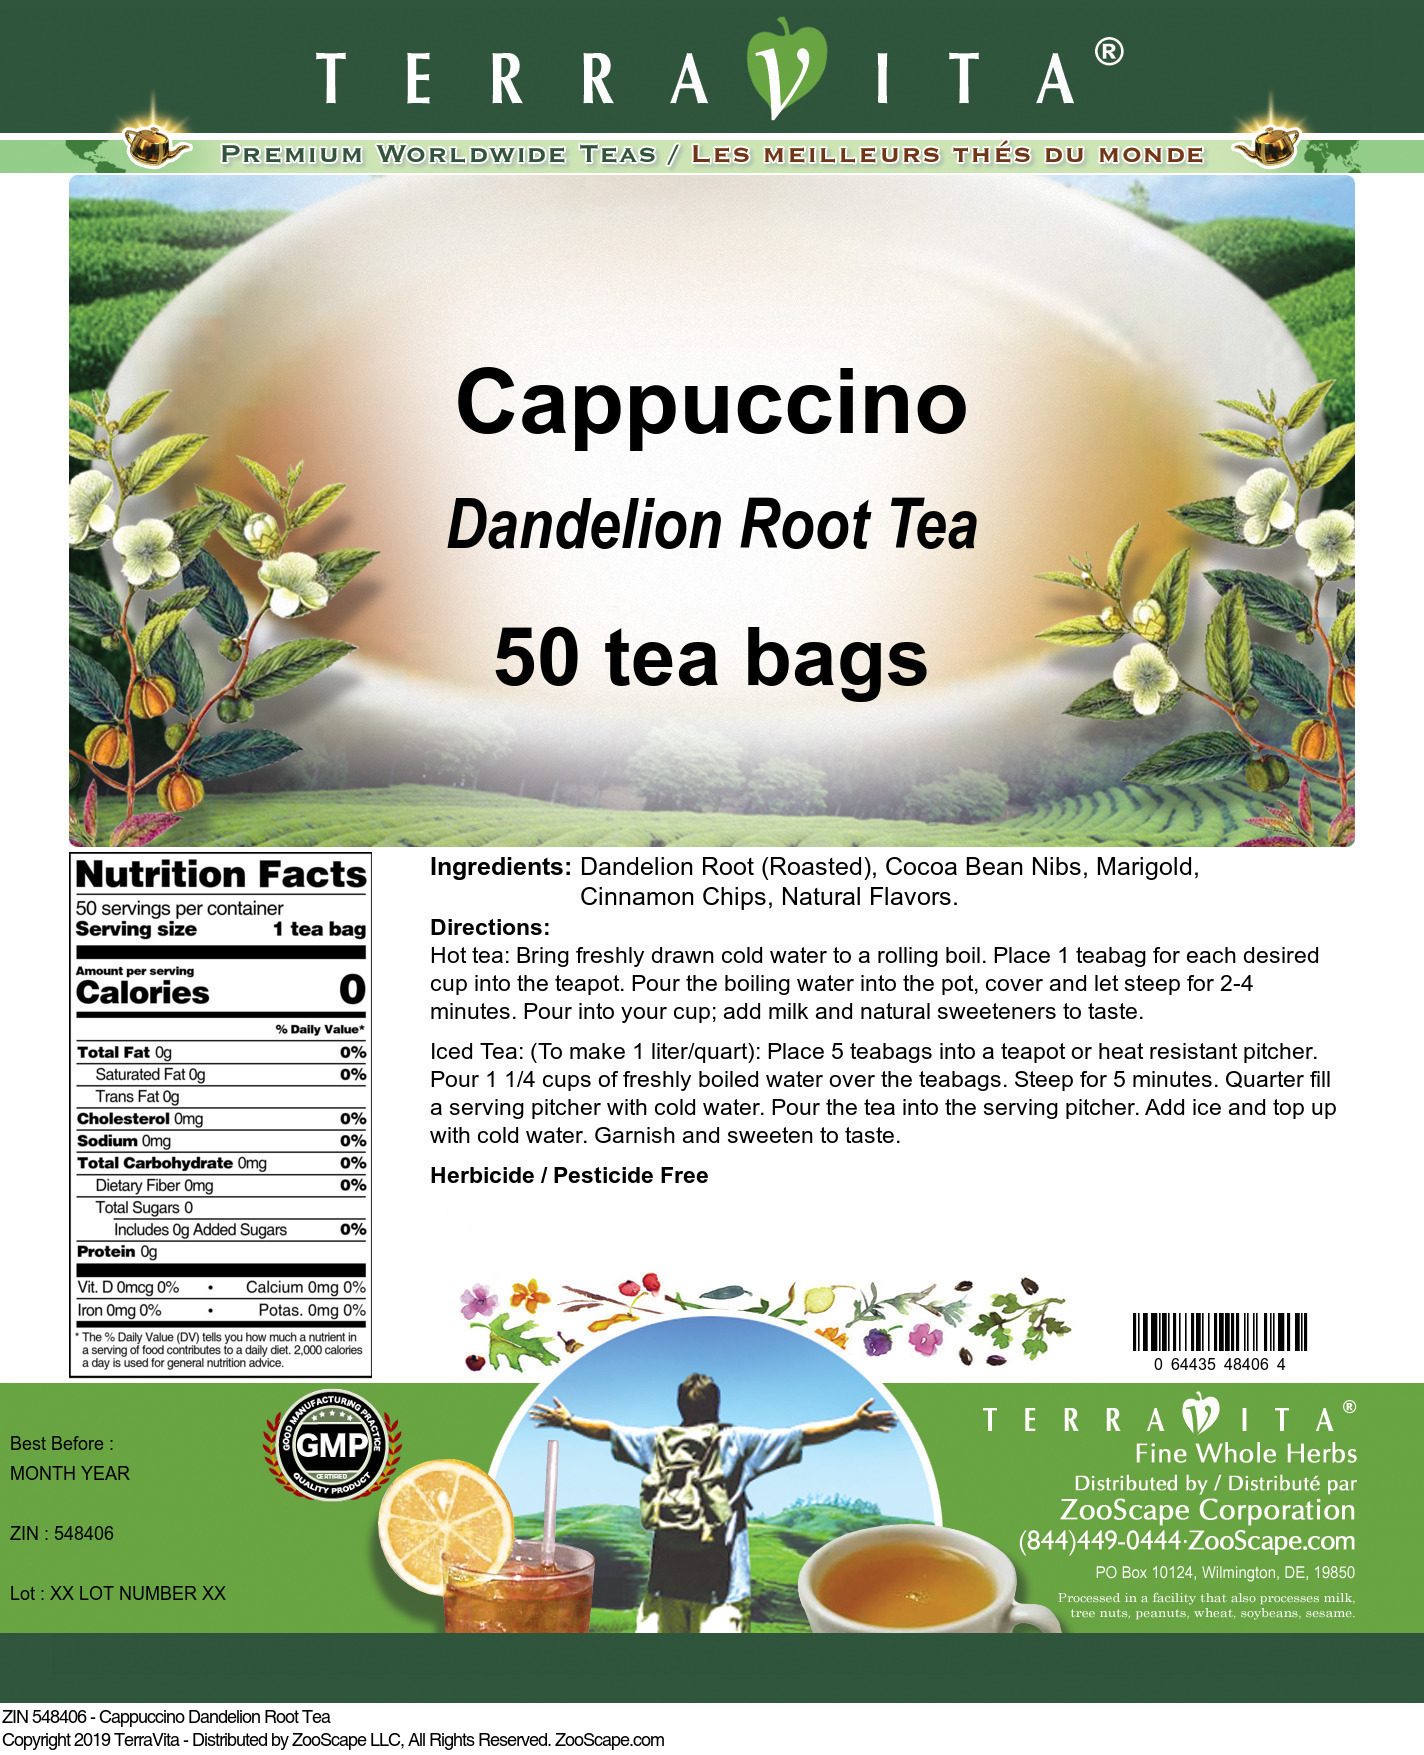 Cappuccino Dandelion Root Tea